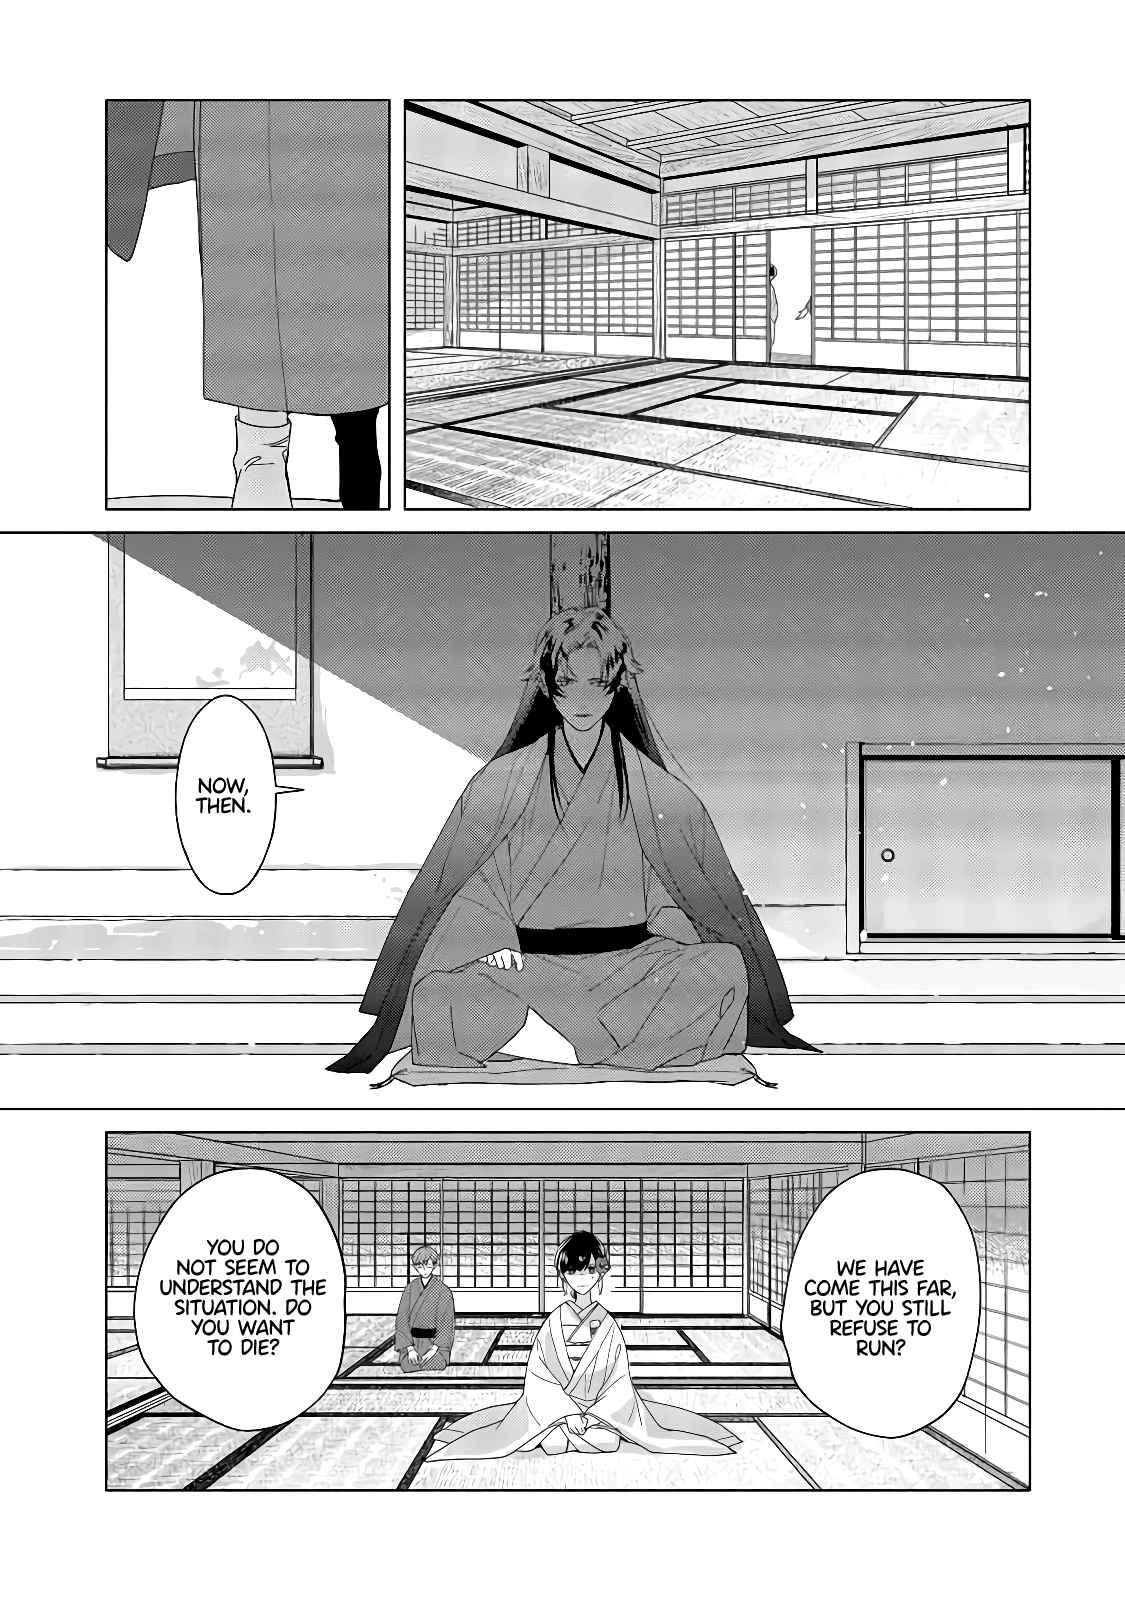 Shinigami no hatsukoi ~Botsuraku Kazoku no Reijou wa Ai wo Shiranai Shinigami ni Totsugu - chapter 2-eng-li